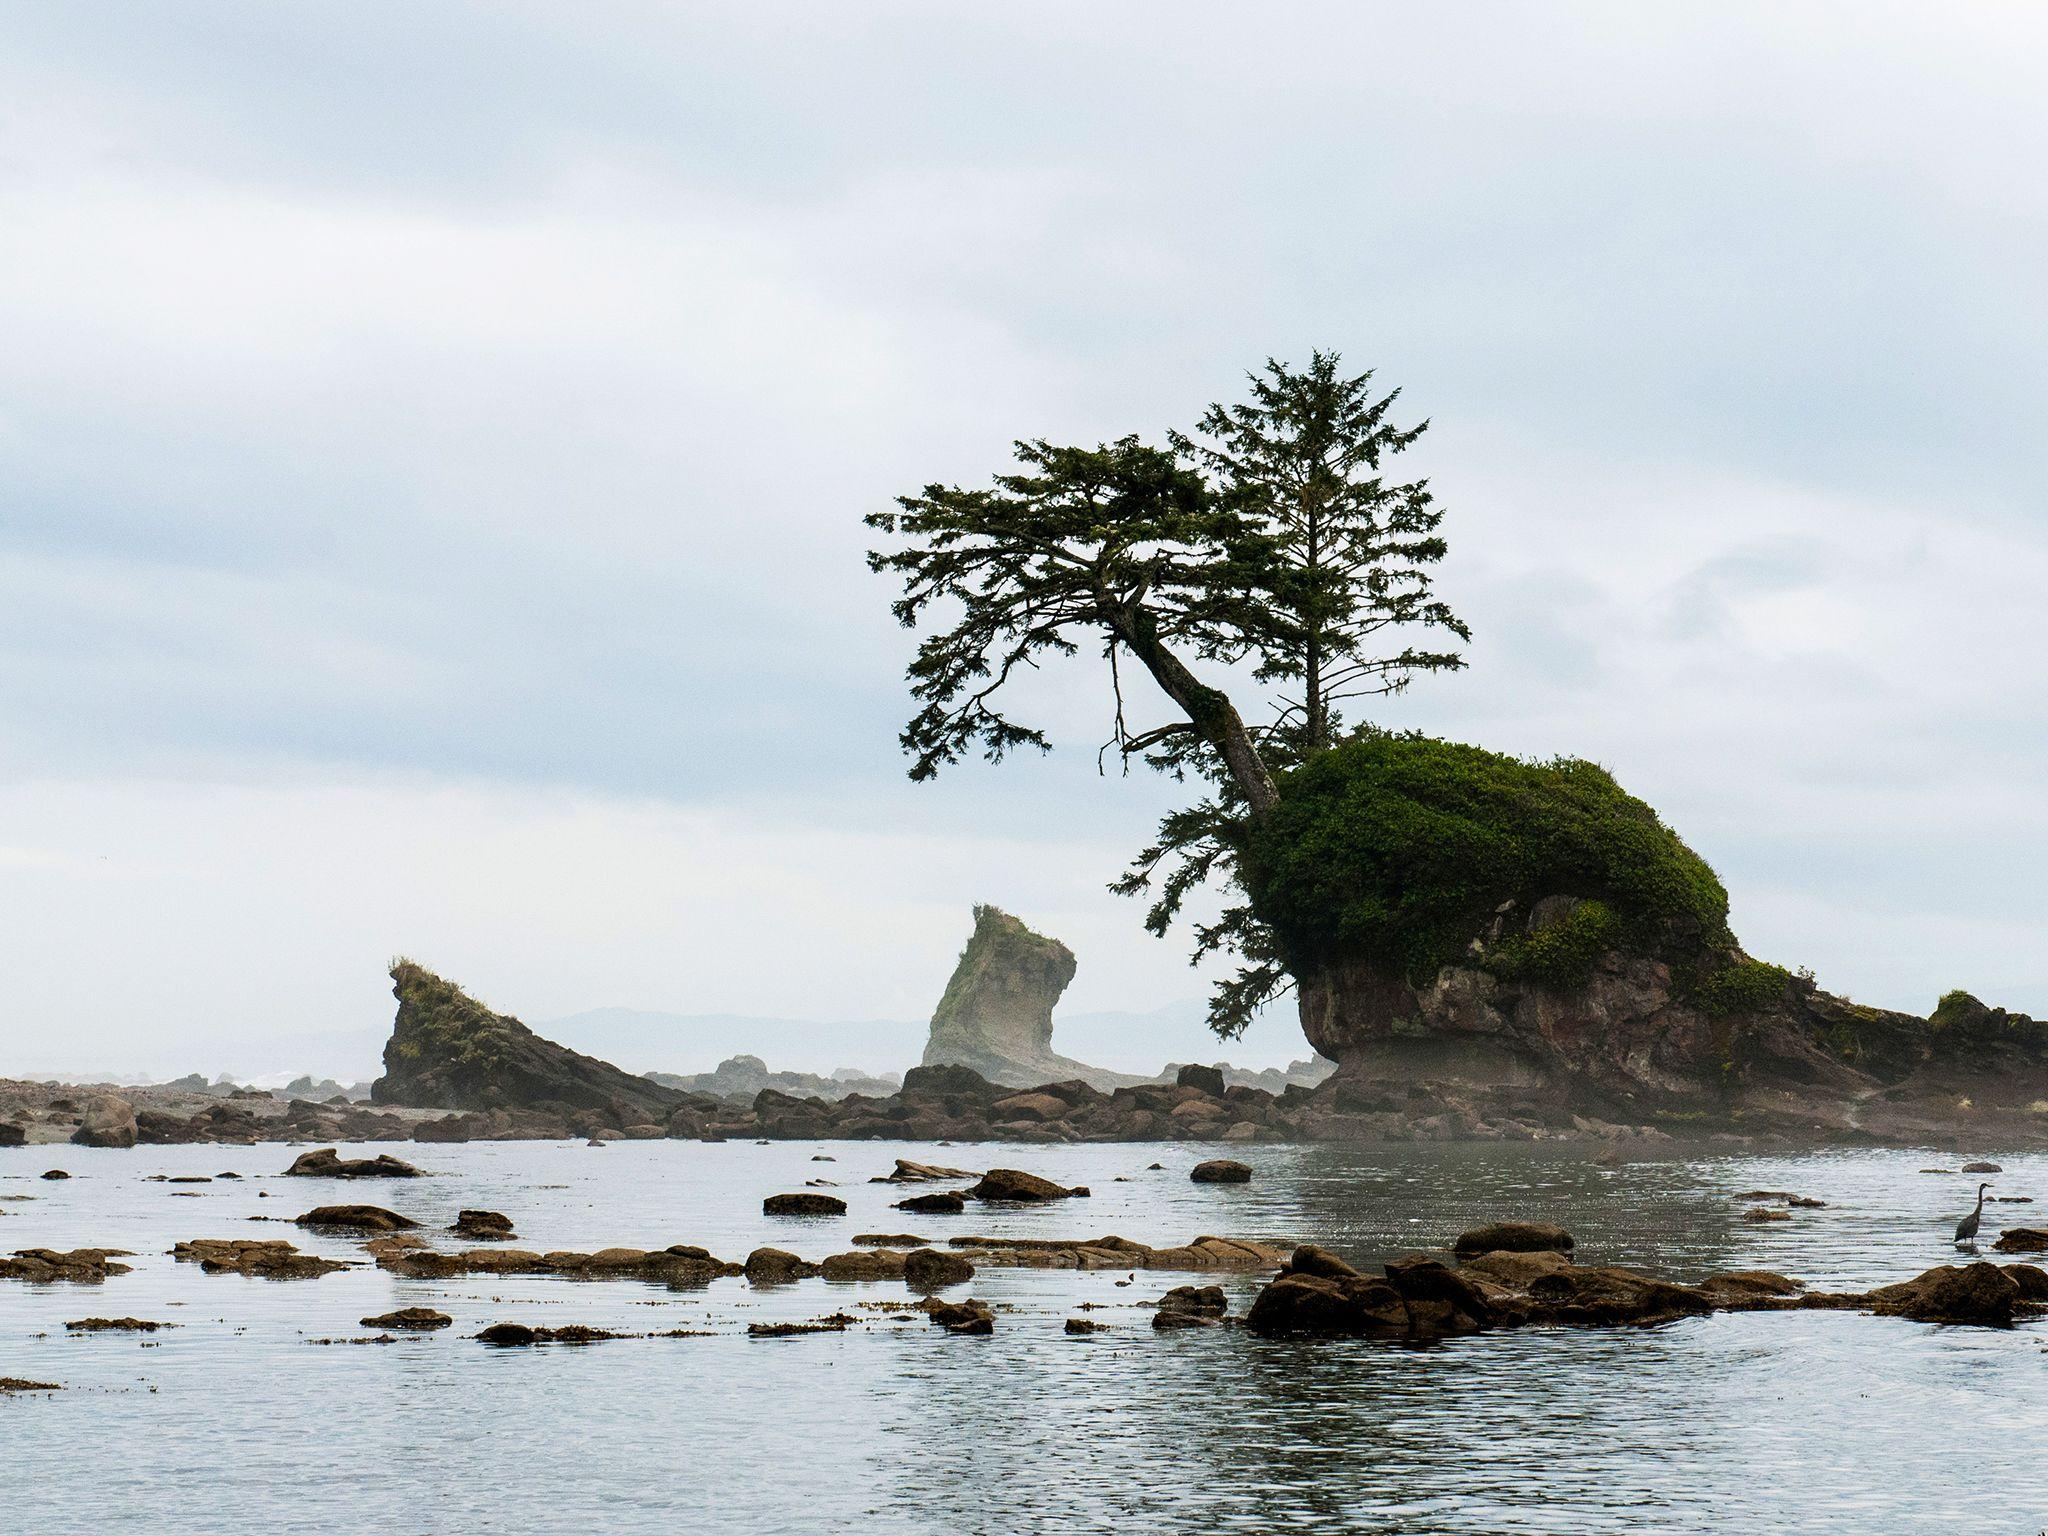 منطقة شمال غرب المحيط الهادئ. هذه الصورة من سلسلة... [Photo of the day - يناير 2015]